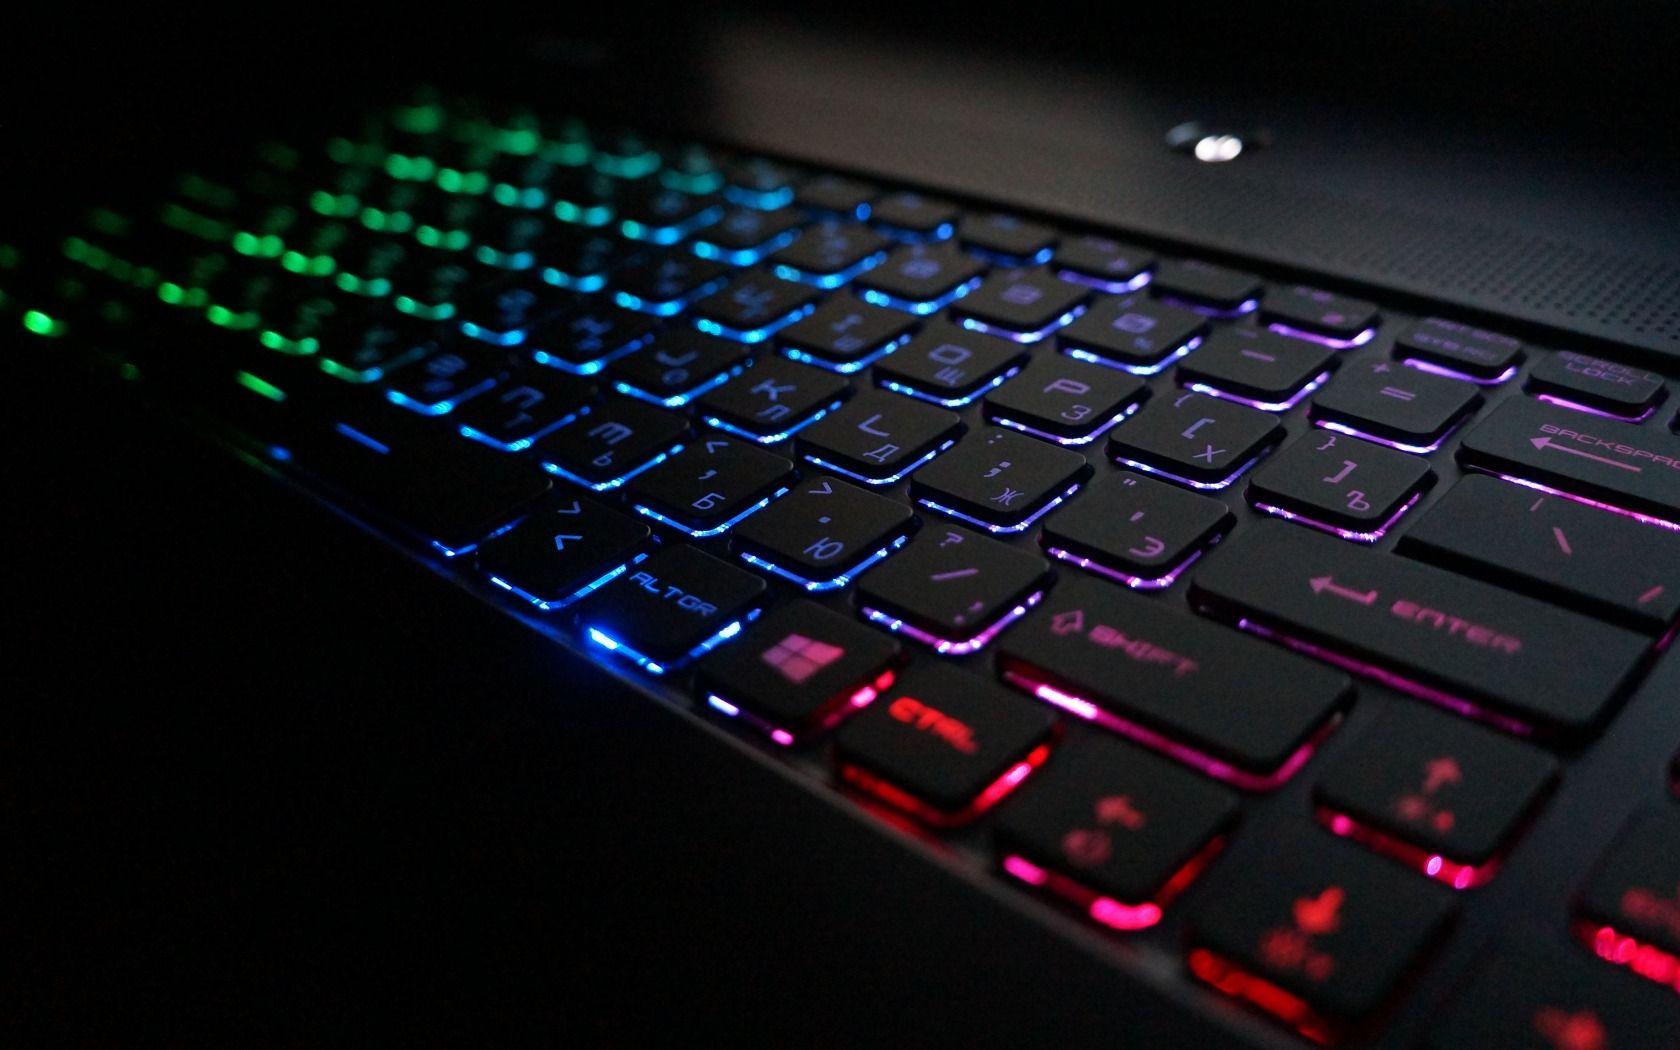 laptop keyboard image